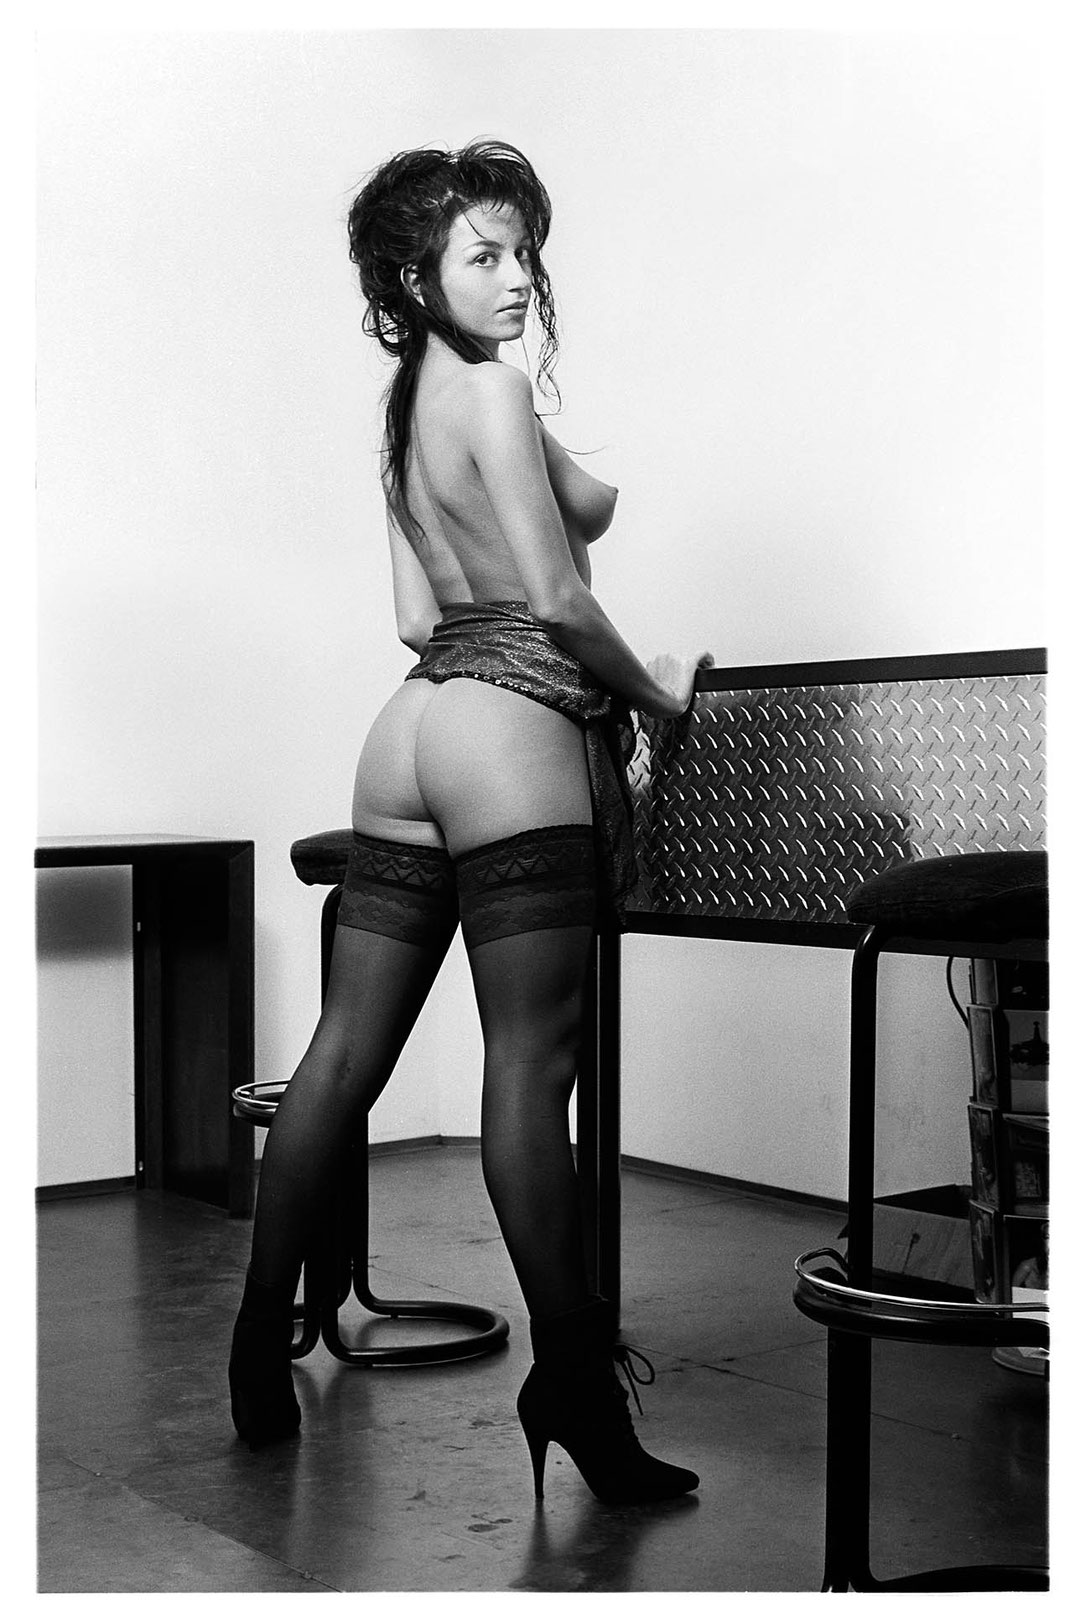 Model Gabriela fotografiert in einer Kunstgalerie in Basel von Martin Boelt